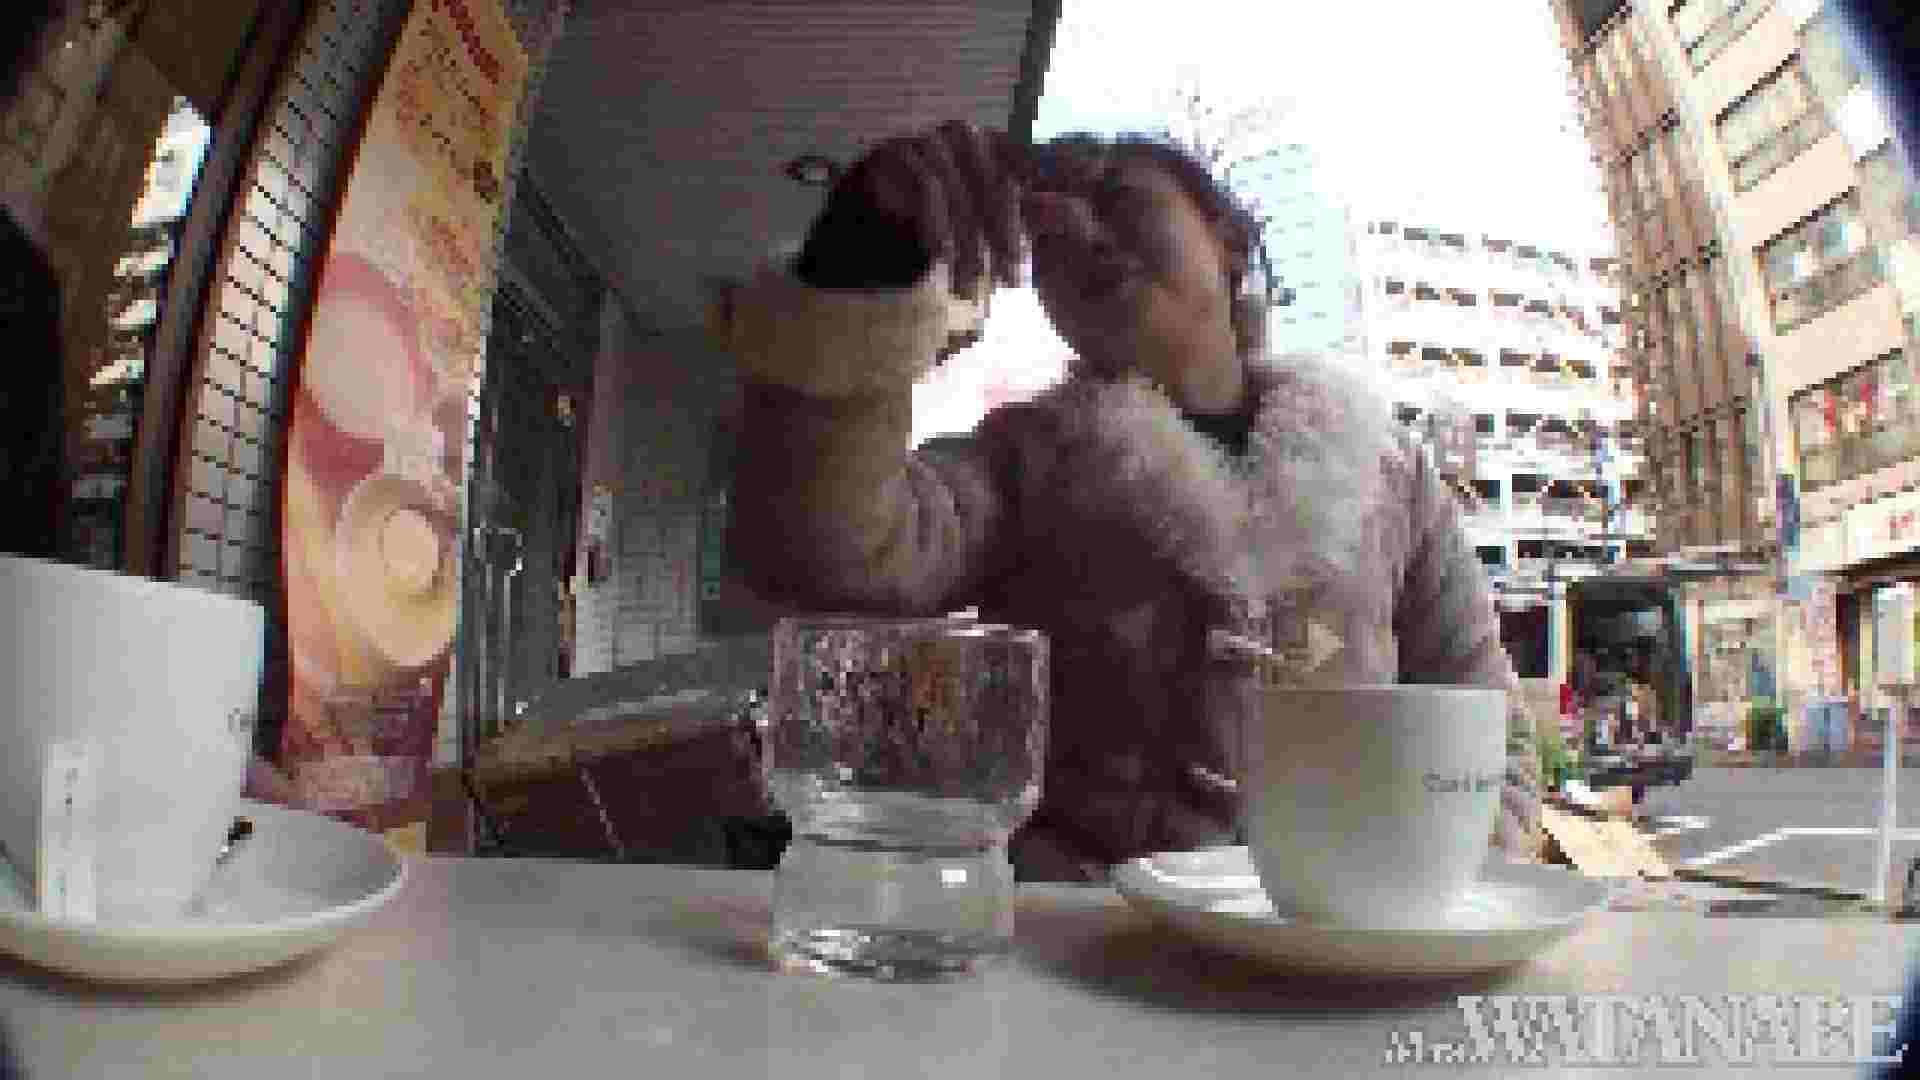 撮影スタッフを誘惑する痴熟女 かおり40歳 Vol.01 素人 | HなOL  67pic 52